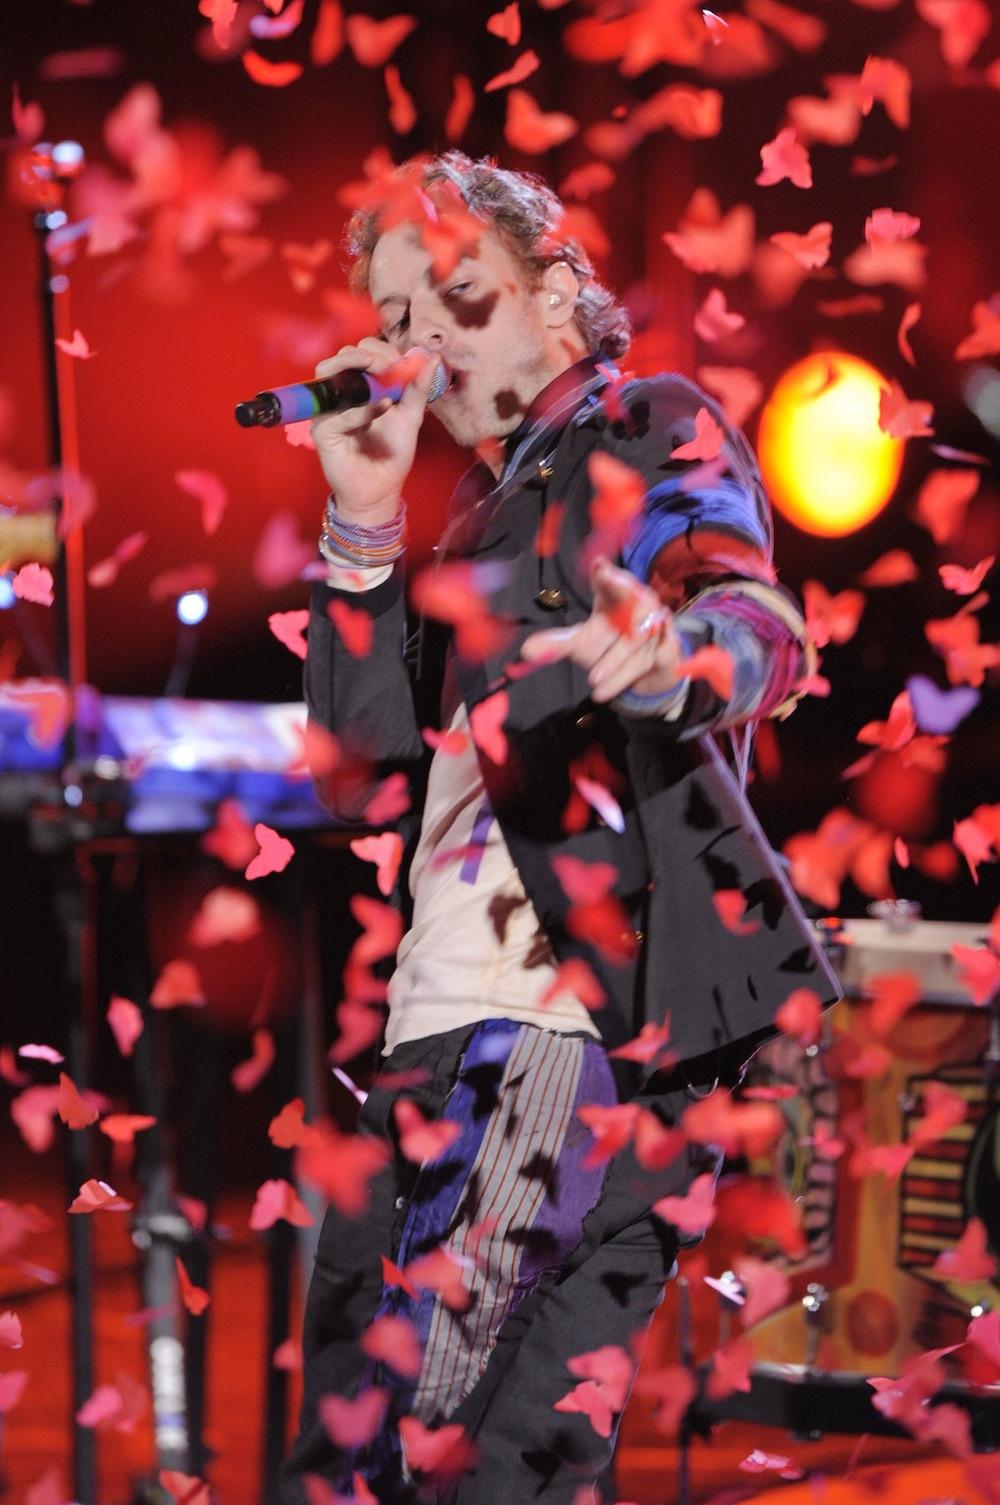 Najlepszy wykonawca rockowy: Coldplay